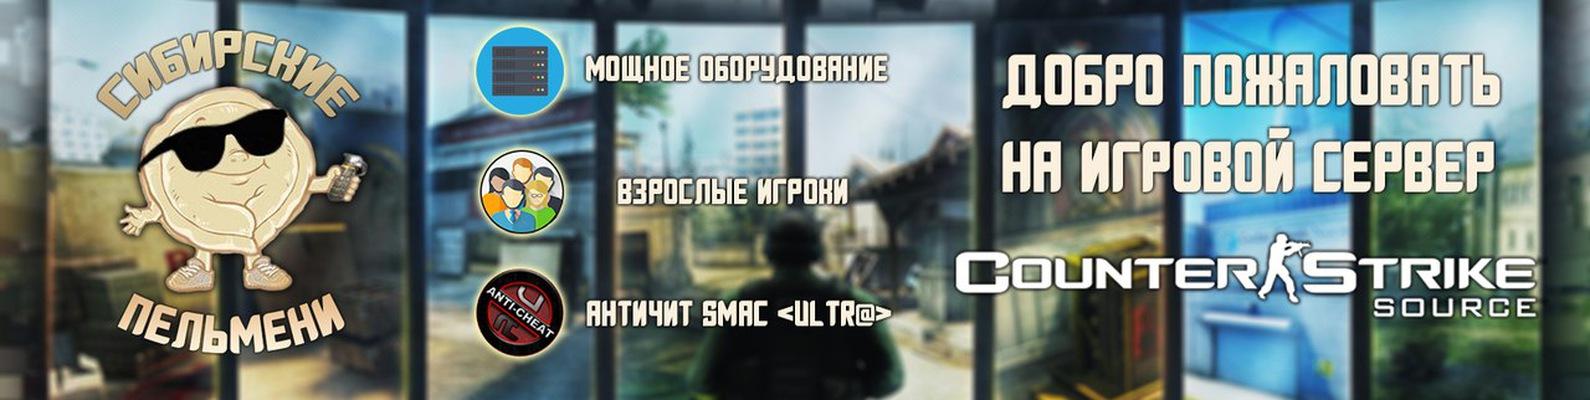 СИБИРСКИЕ ПЕЛЬМЕНИ 21+ DD2 Only V89 CSS